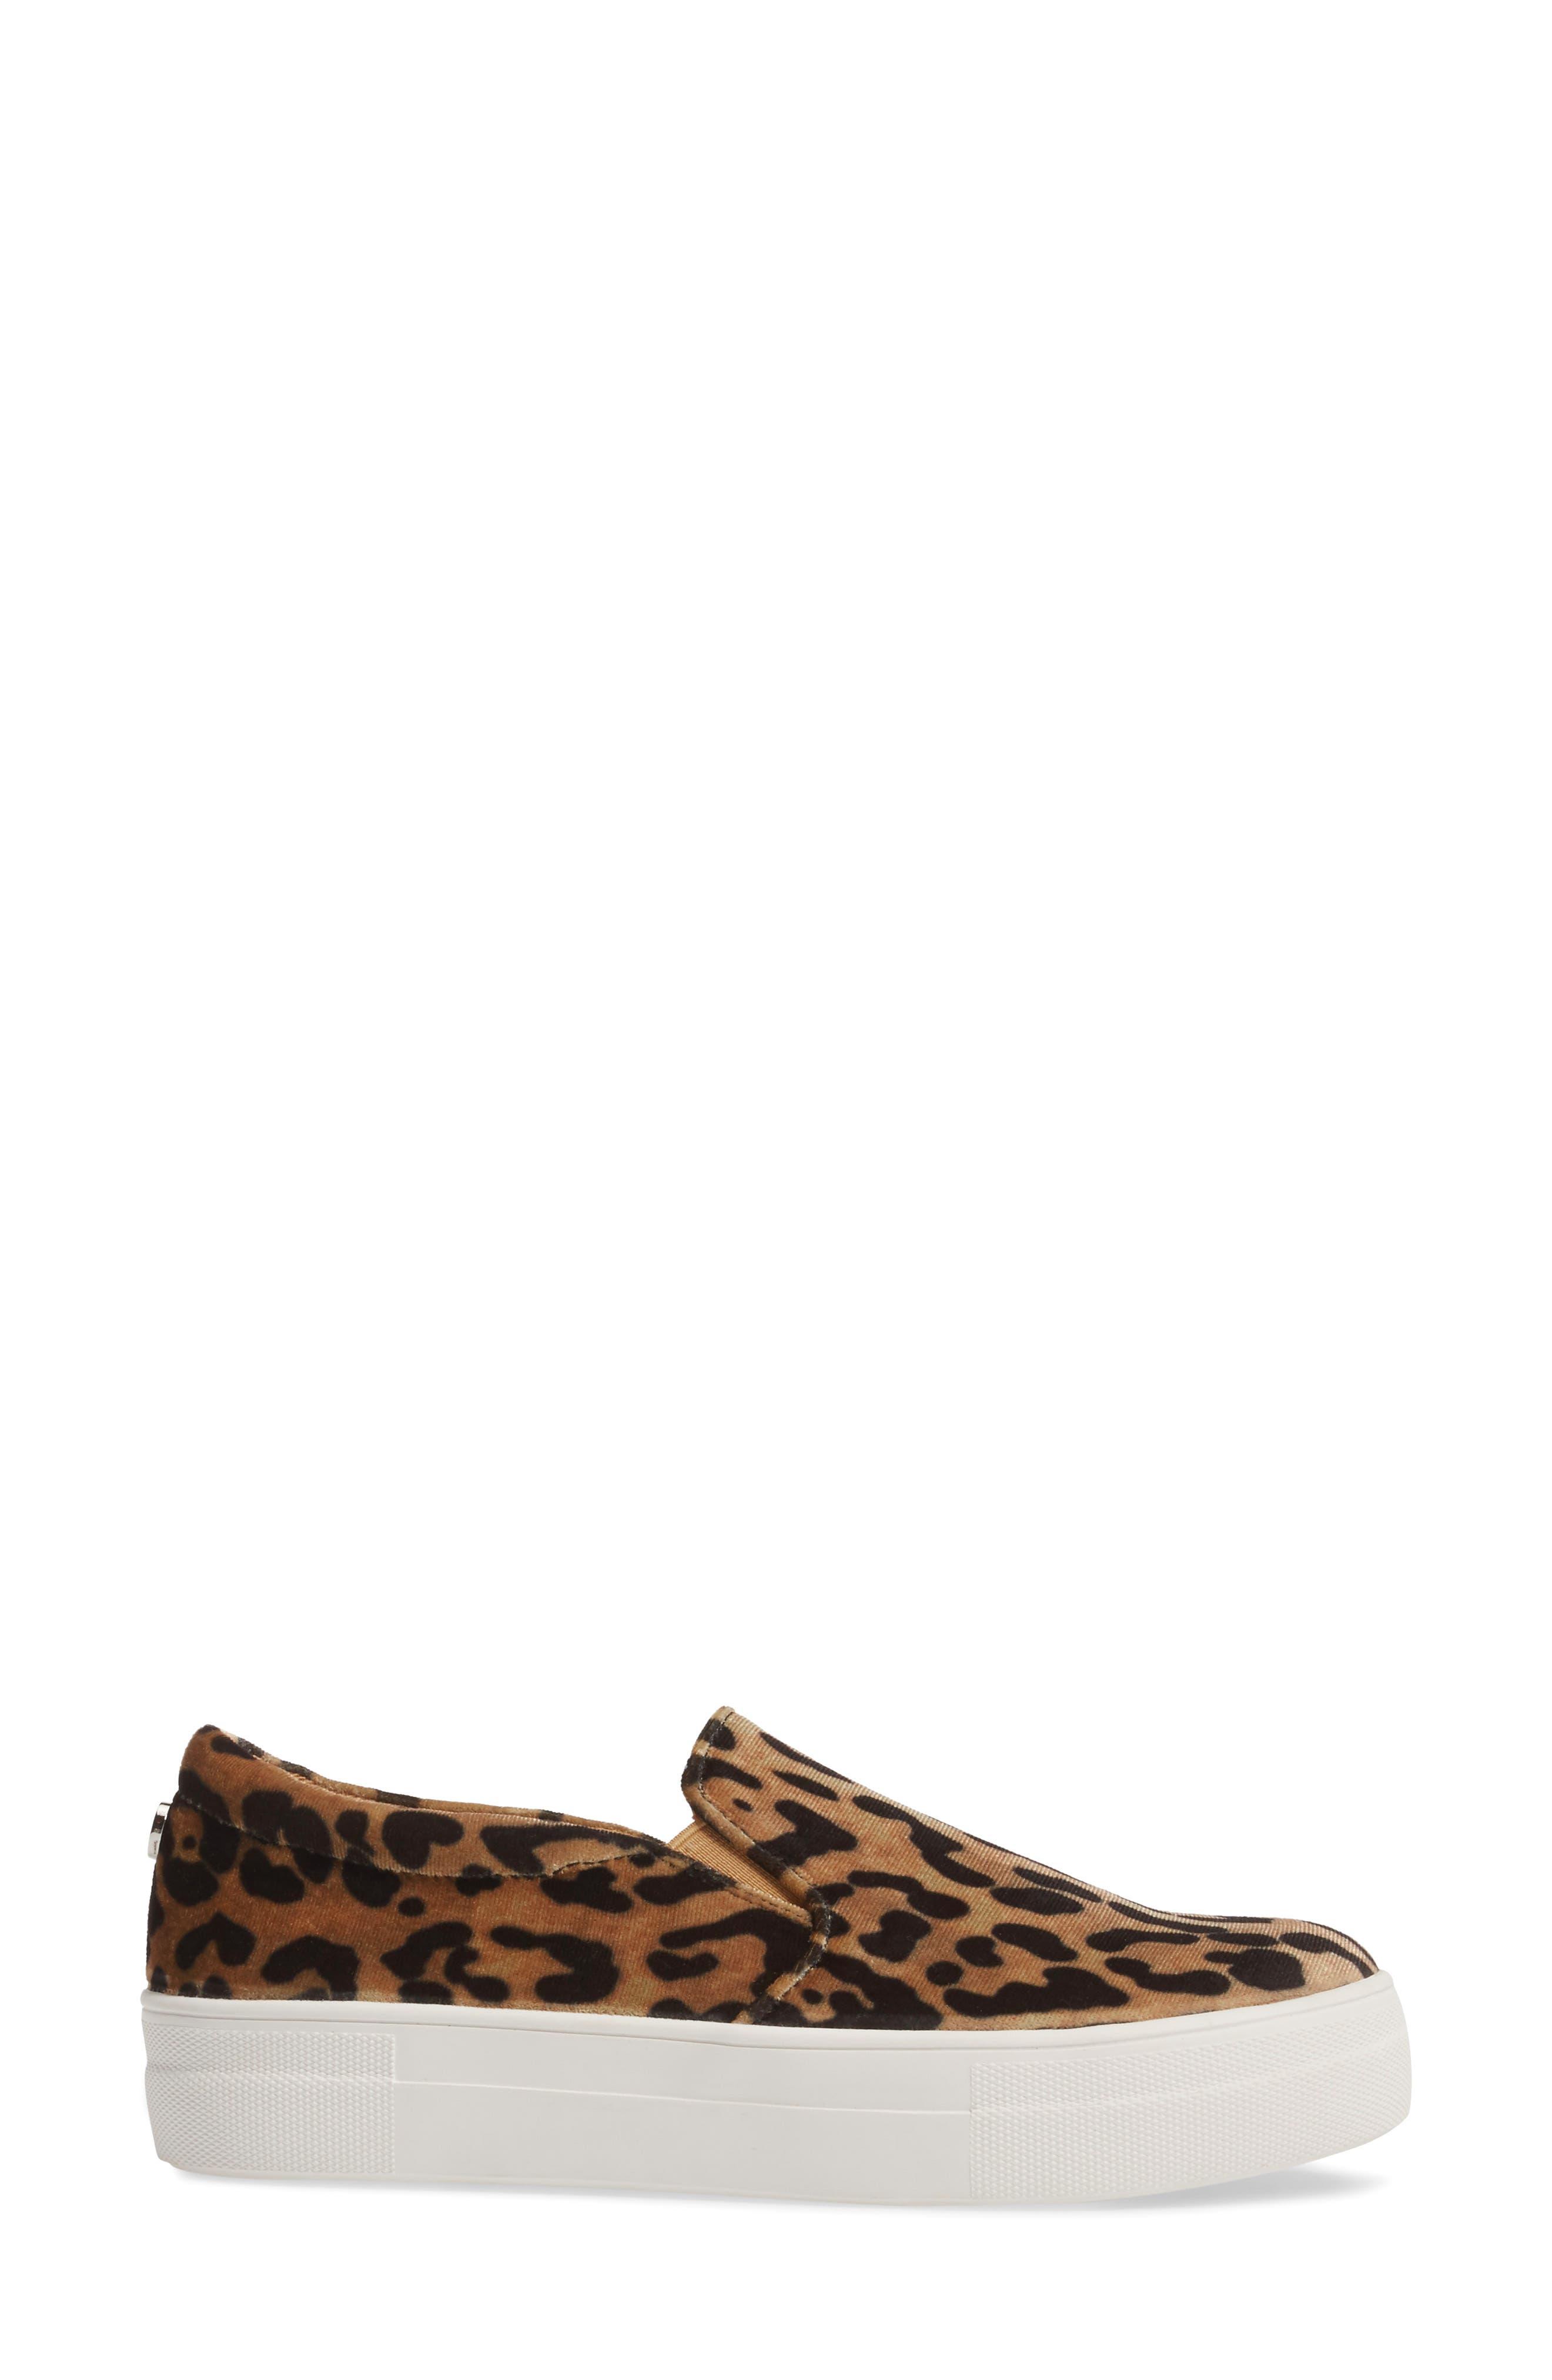 Gills Platform Slip-On Sneaker,                             Alternate thumbnail 3, color,                             001